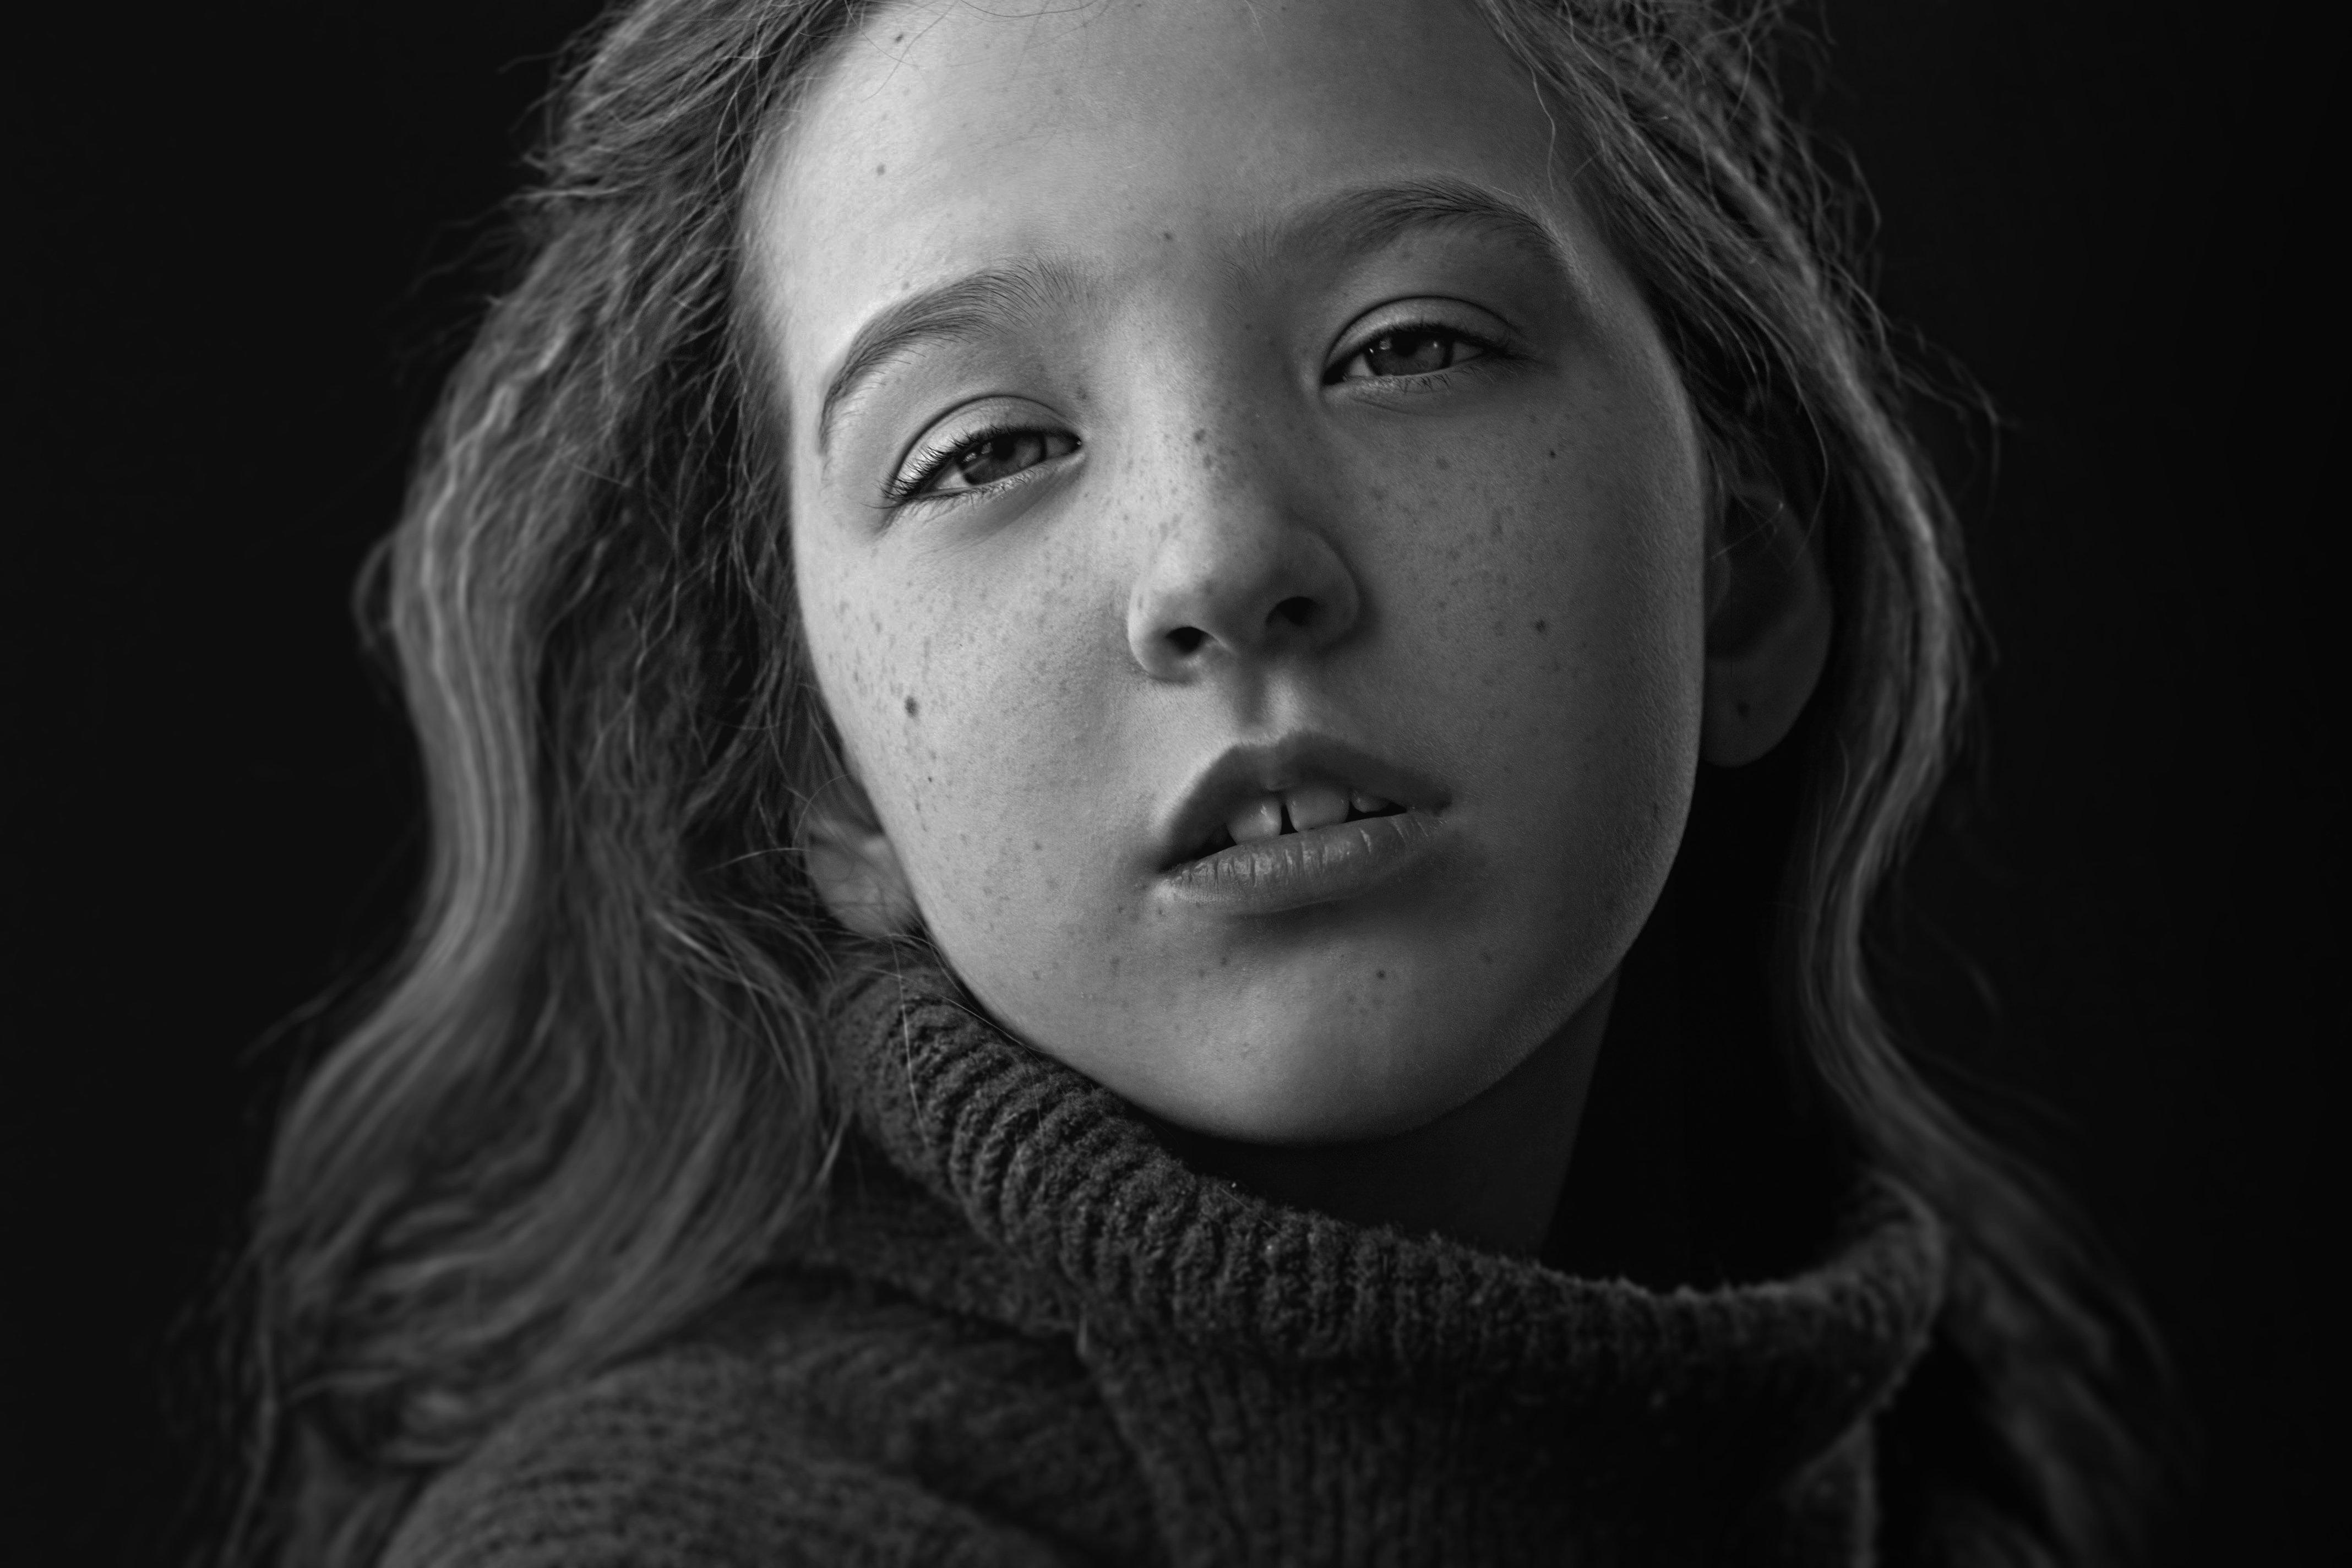 портрет, эмоция, bw, черно-белая, monochrome, дети, лицо, детский портрет, анна шацкая